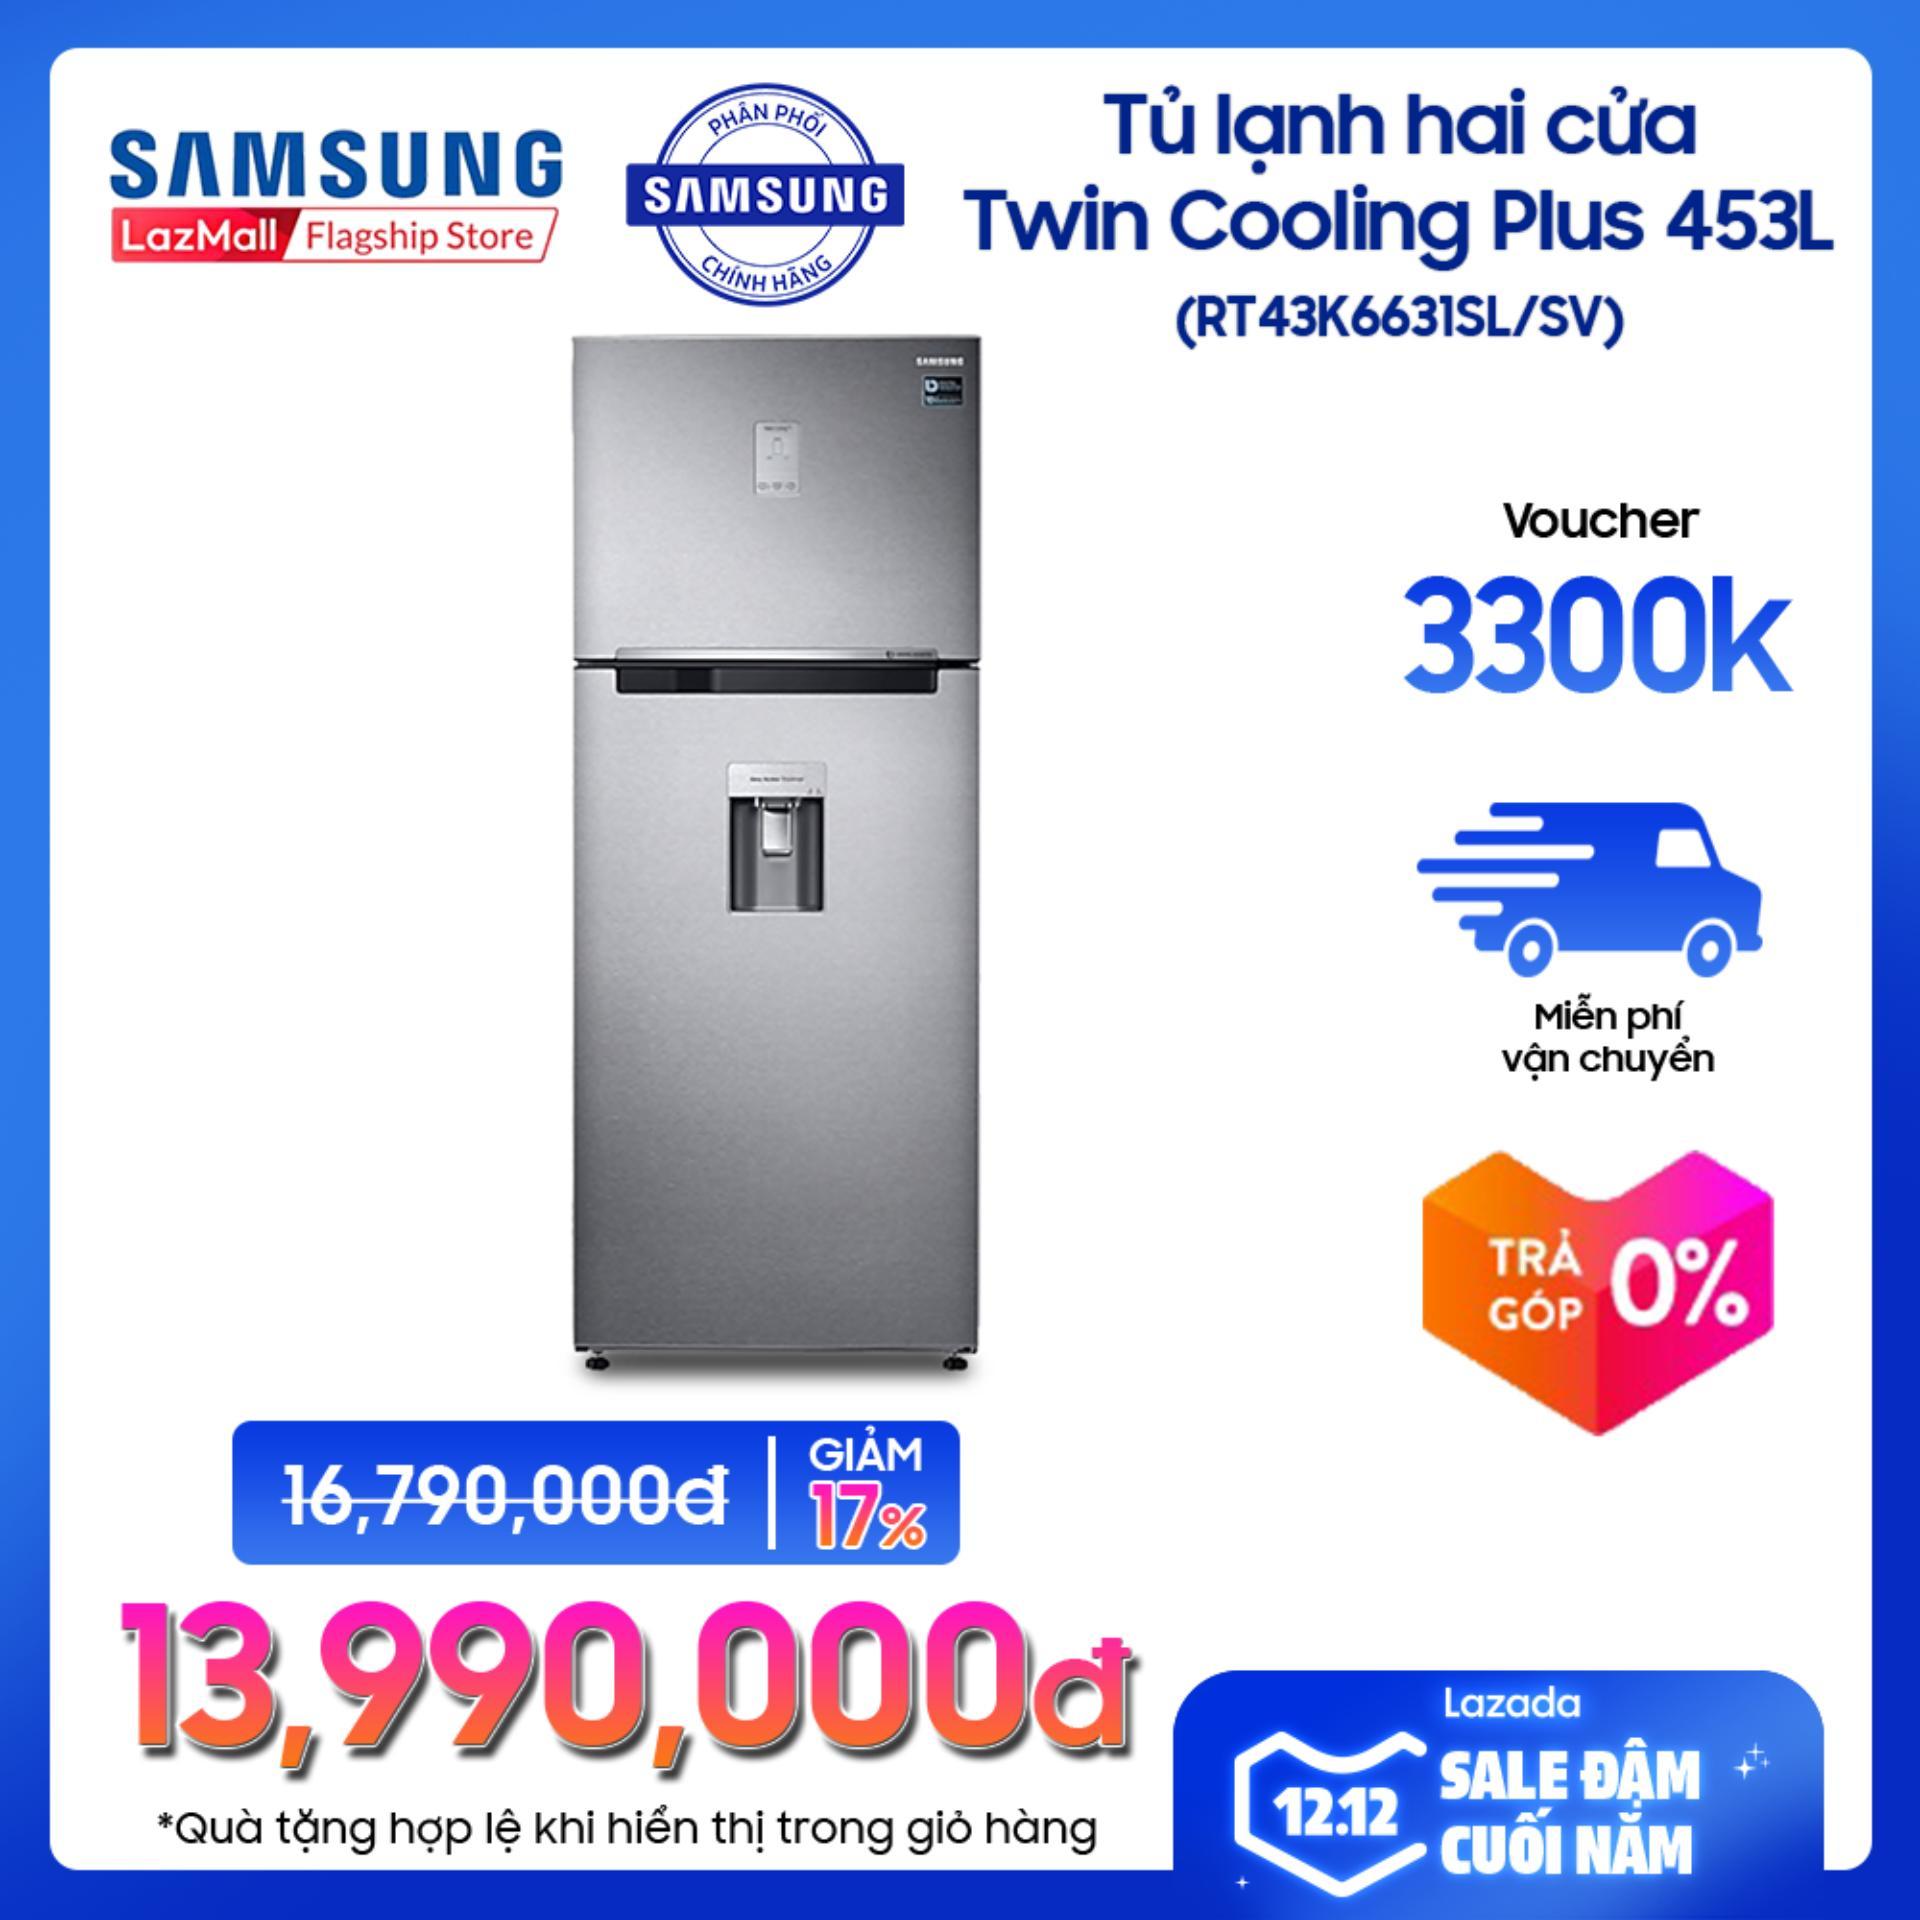 Siêu Tiết Kiệm Khi Mua Tủ Lạnh Samsung 2 Cửa Twin Coolong Plus Digital Inverter RT43K6631SL/SV 442 Lit (Xám) - Hãng Phân Phối Chính Thức, Tiết Kiệm điện